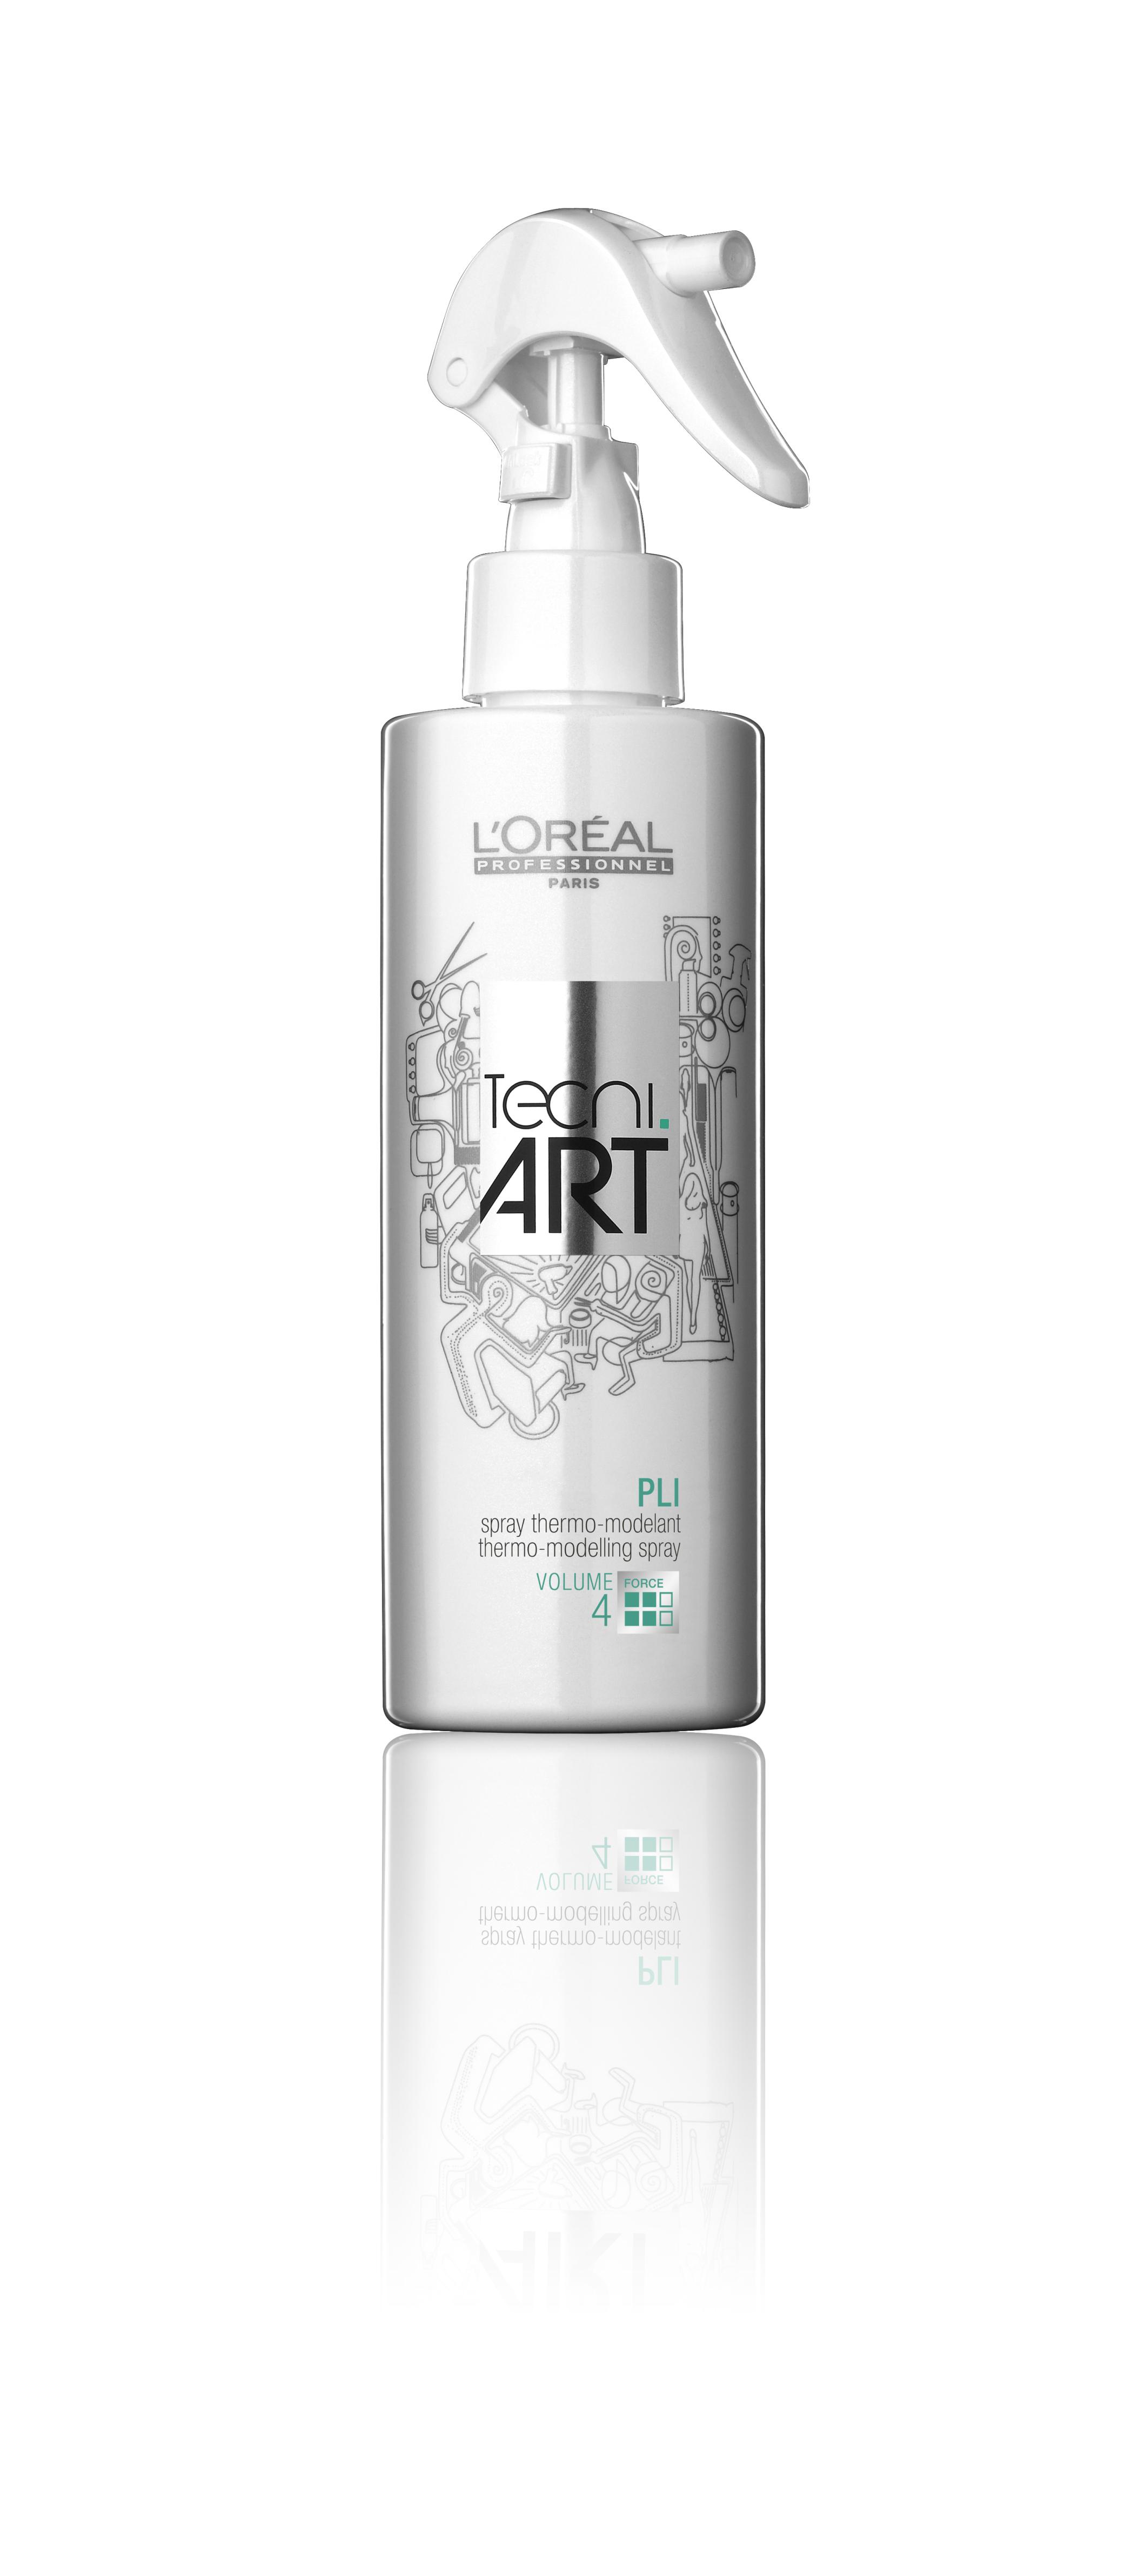 L'Oréal Professionnel Tecni.Art Pli RRP$34.50